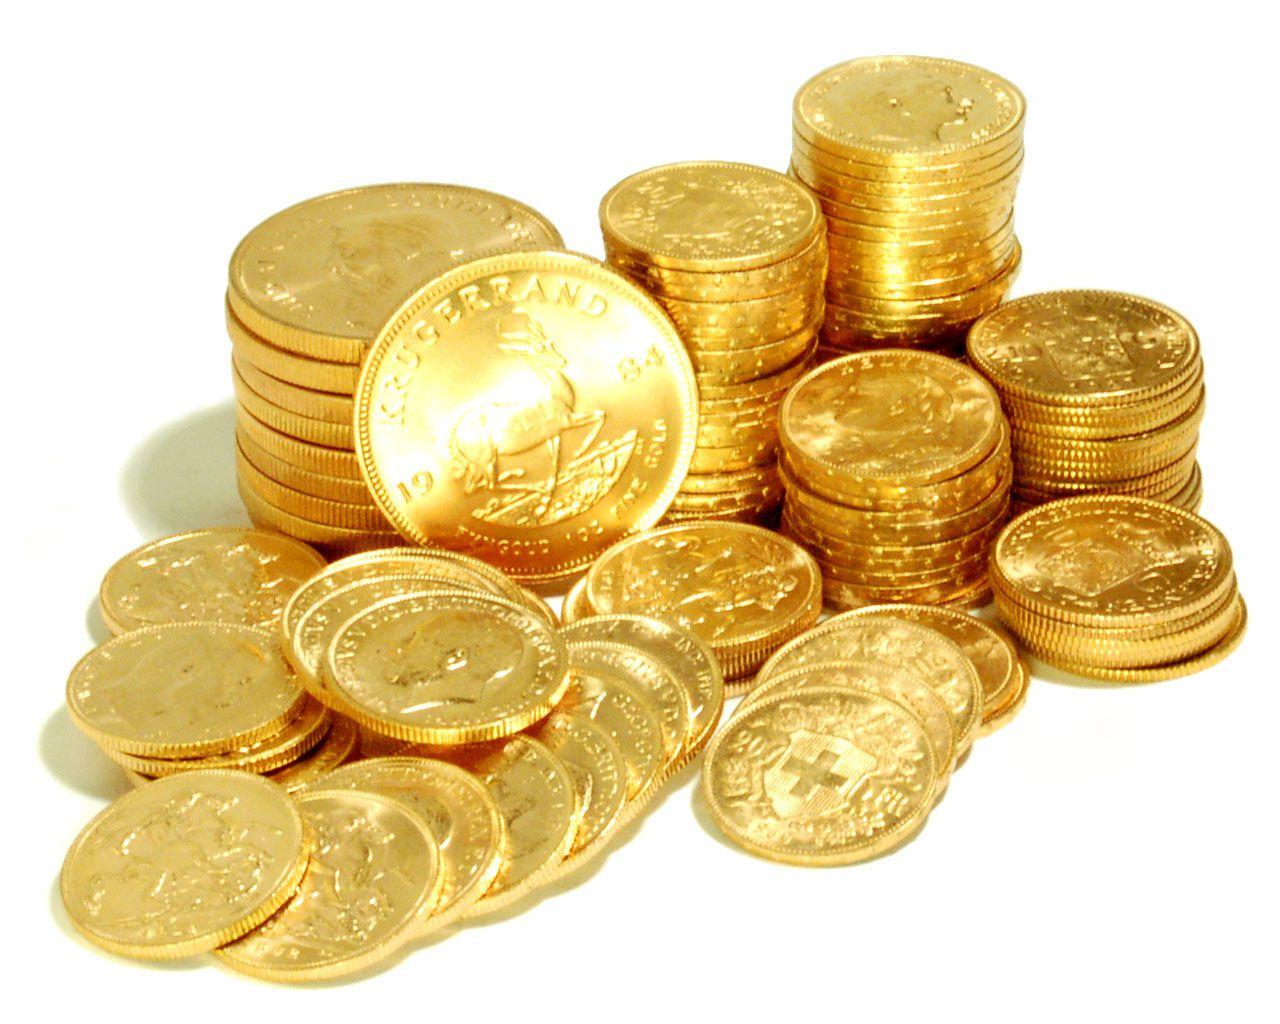 دلایل افزایش قیمت سکه چیست؟